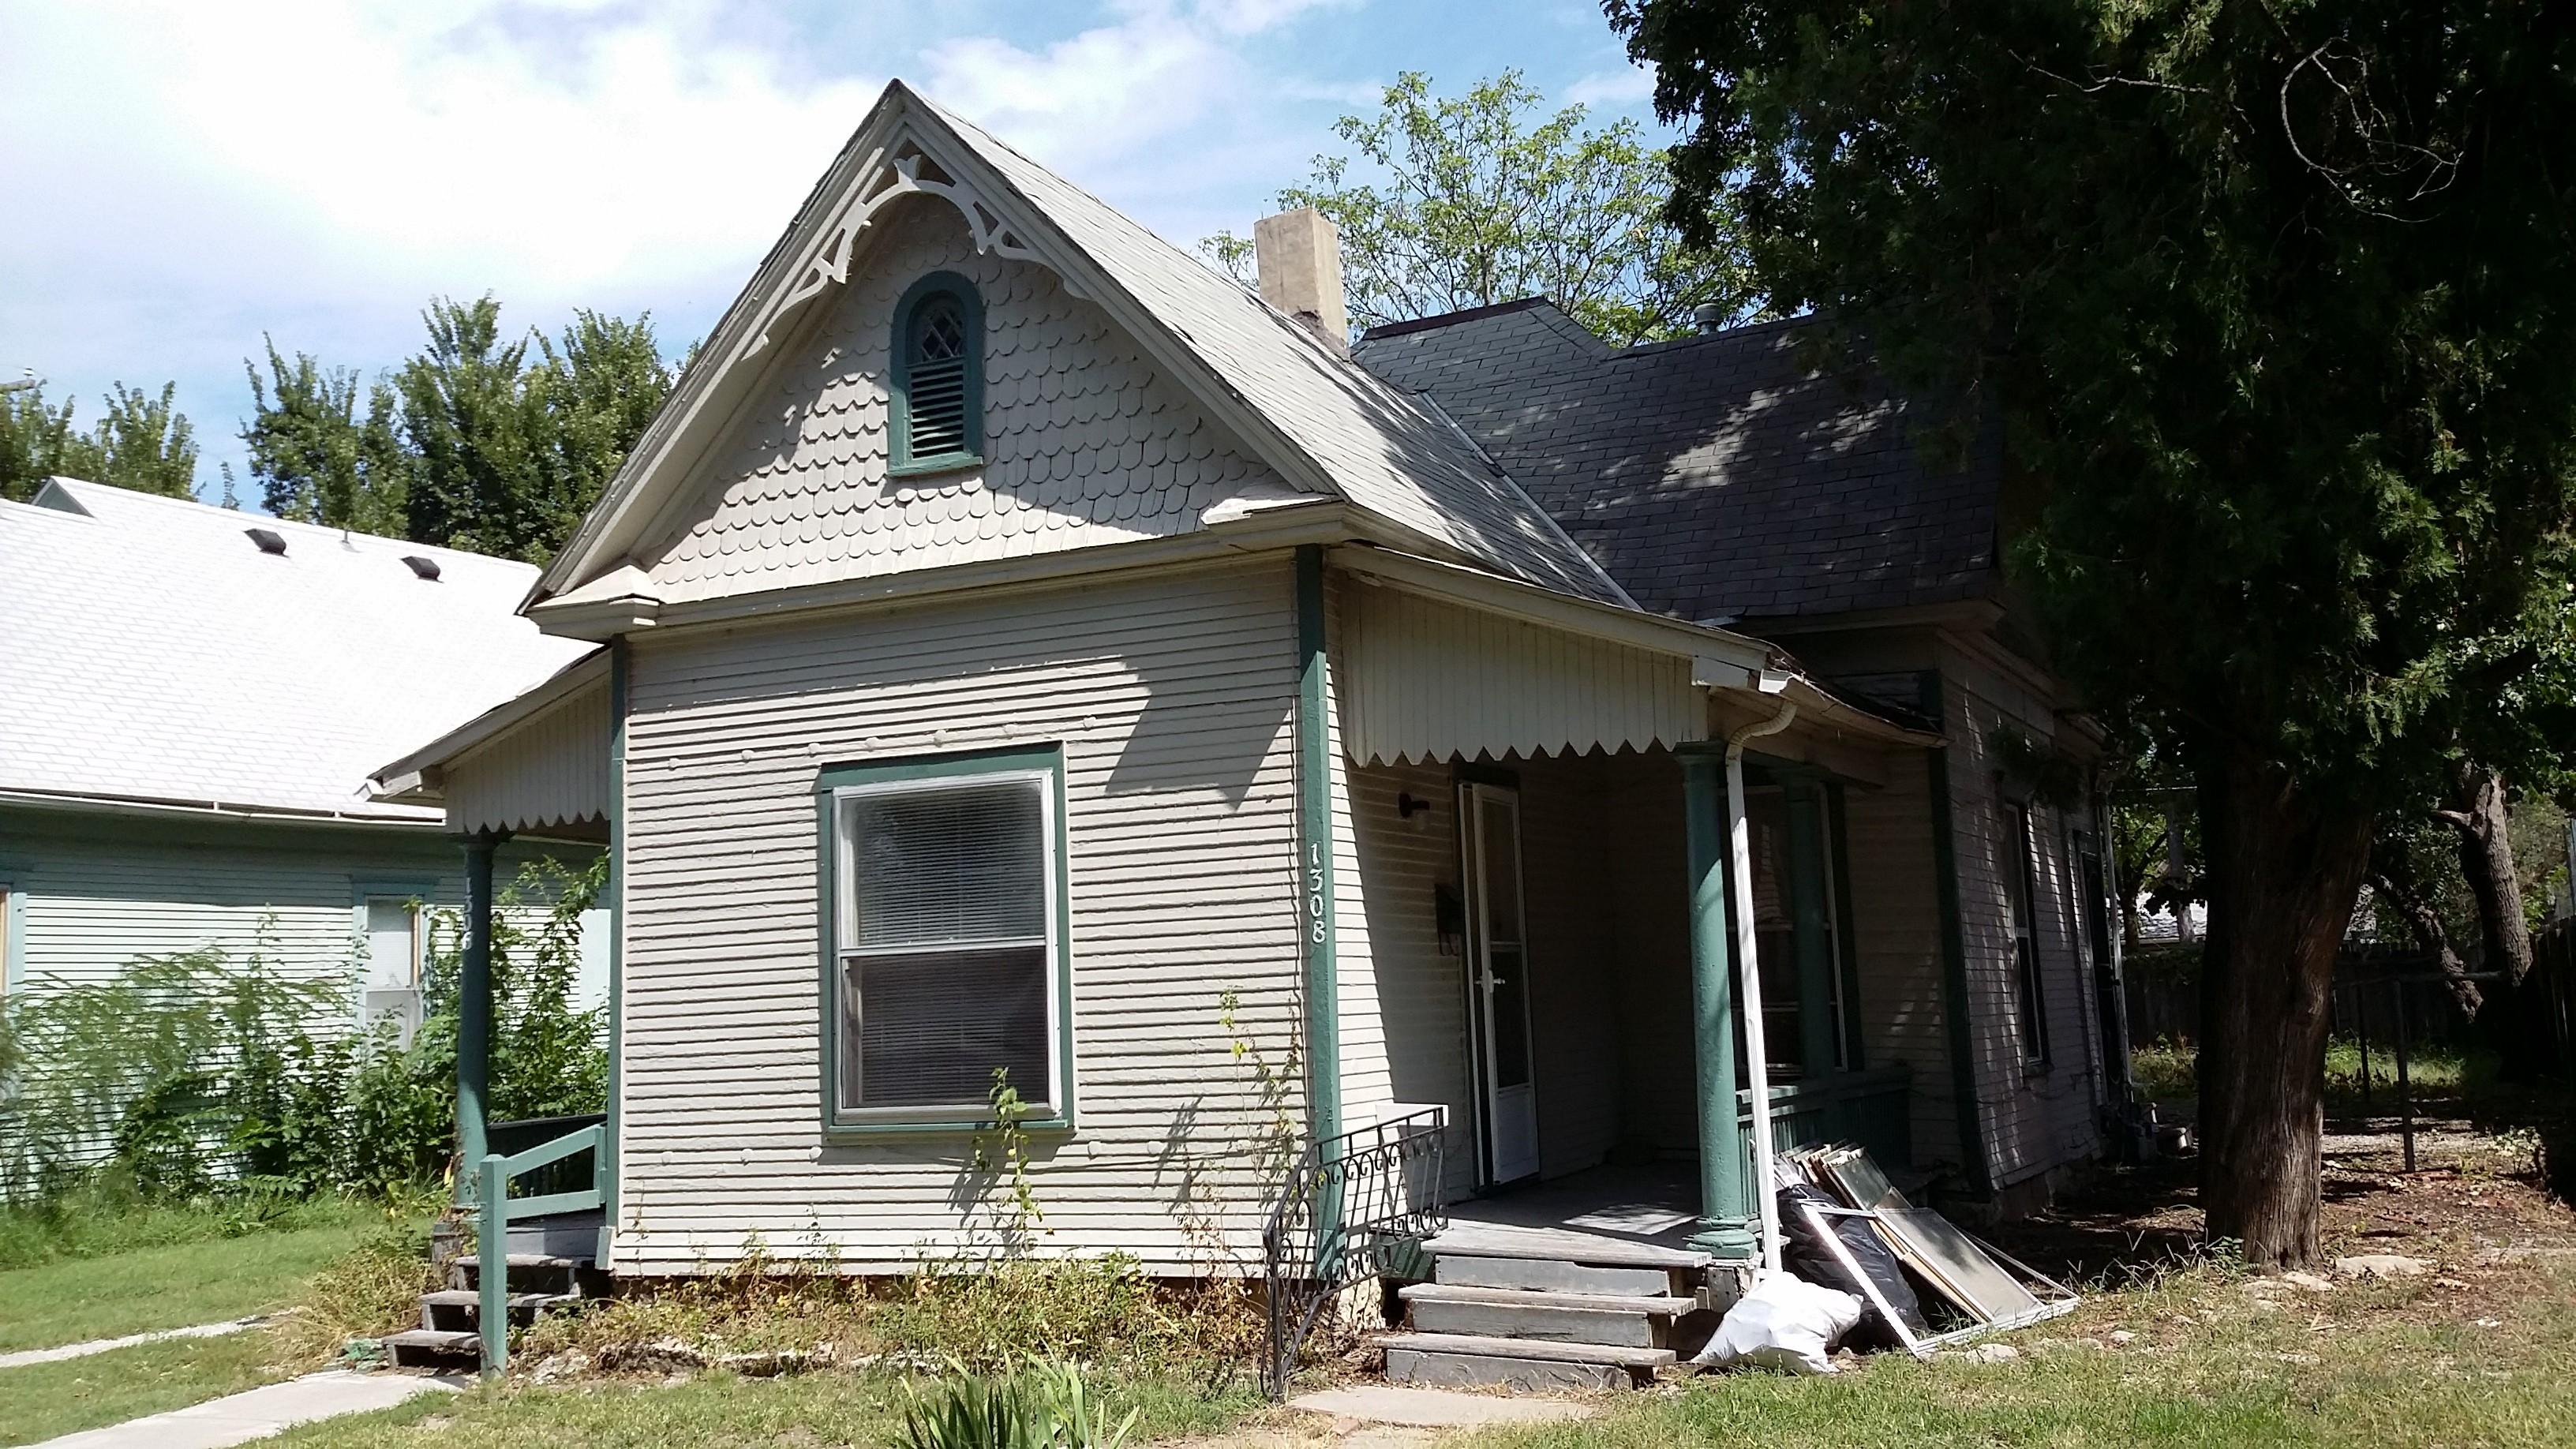 220 S Kansas St 3 Wichita Ks 67211 1 Bedroom Apartment For Rent Padmapper